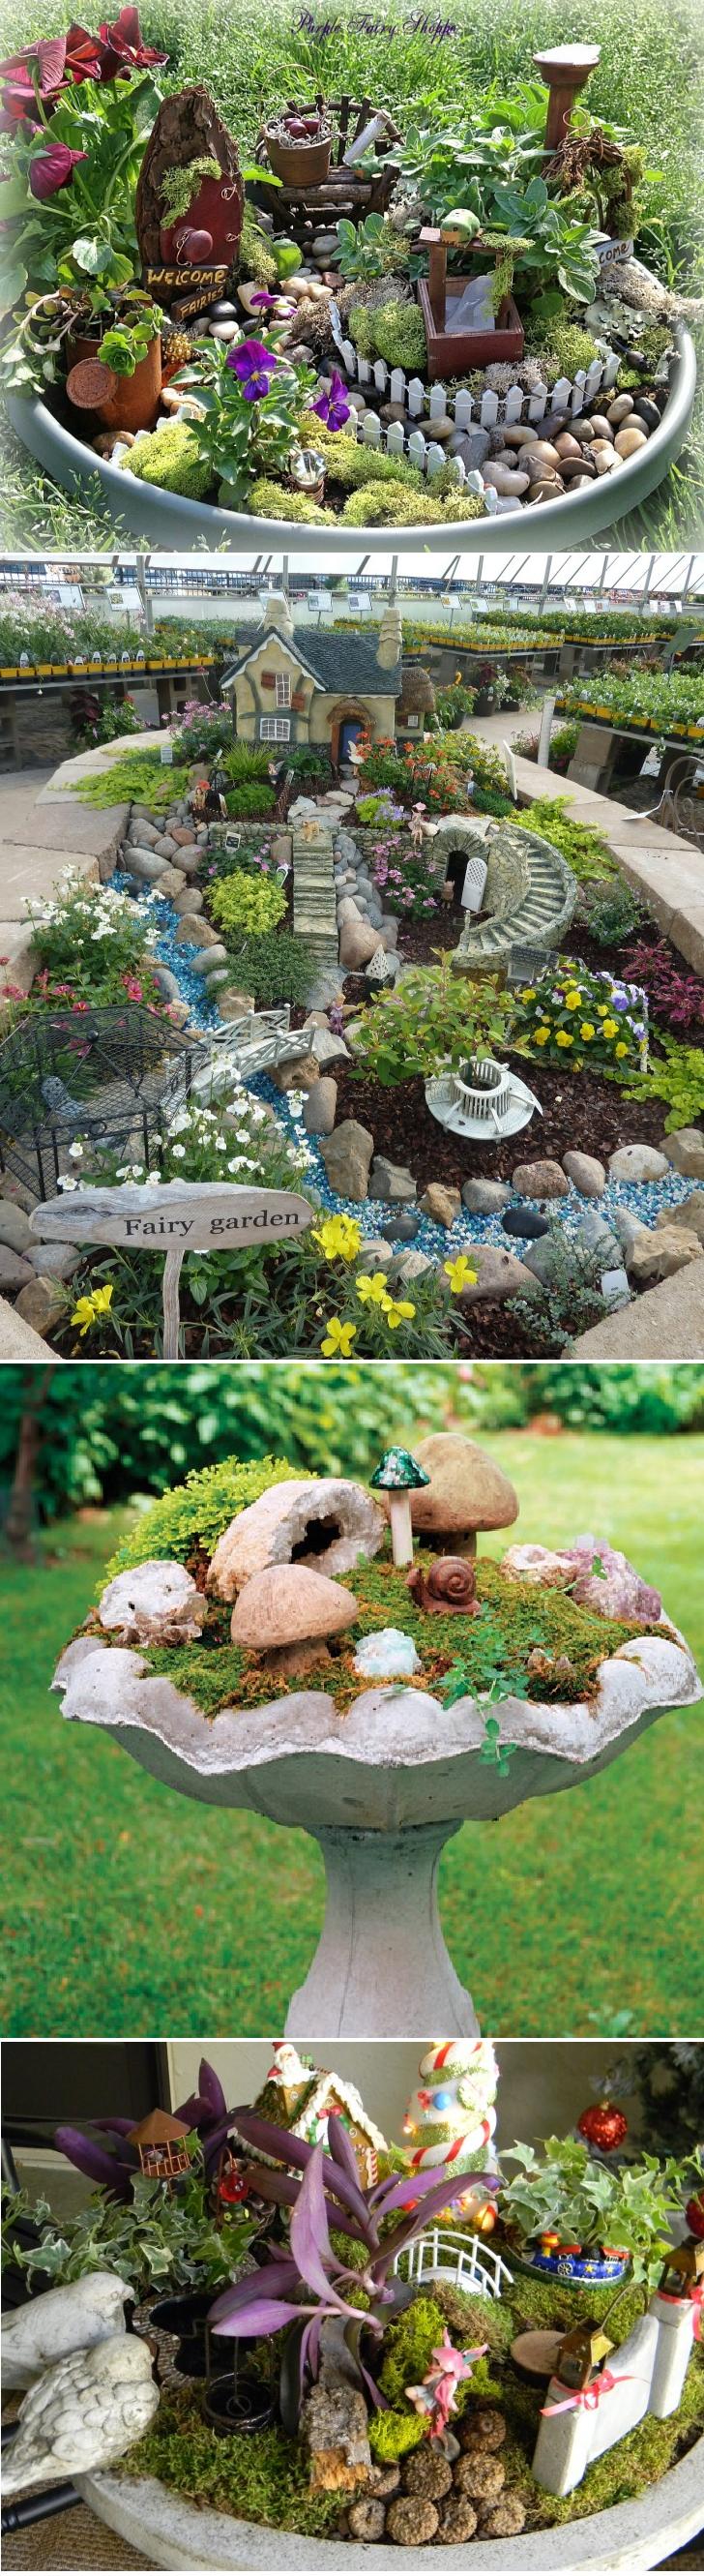 DIY Ideas How To Make Fairy Garden | GARDEN | Pinterest | DIY ...